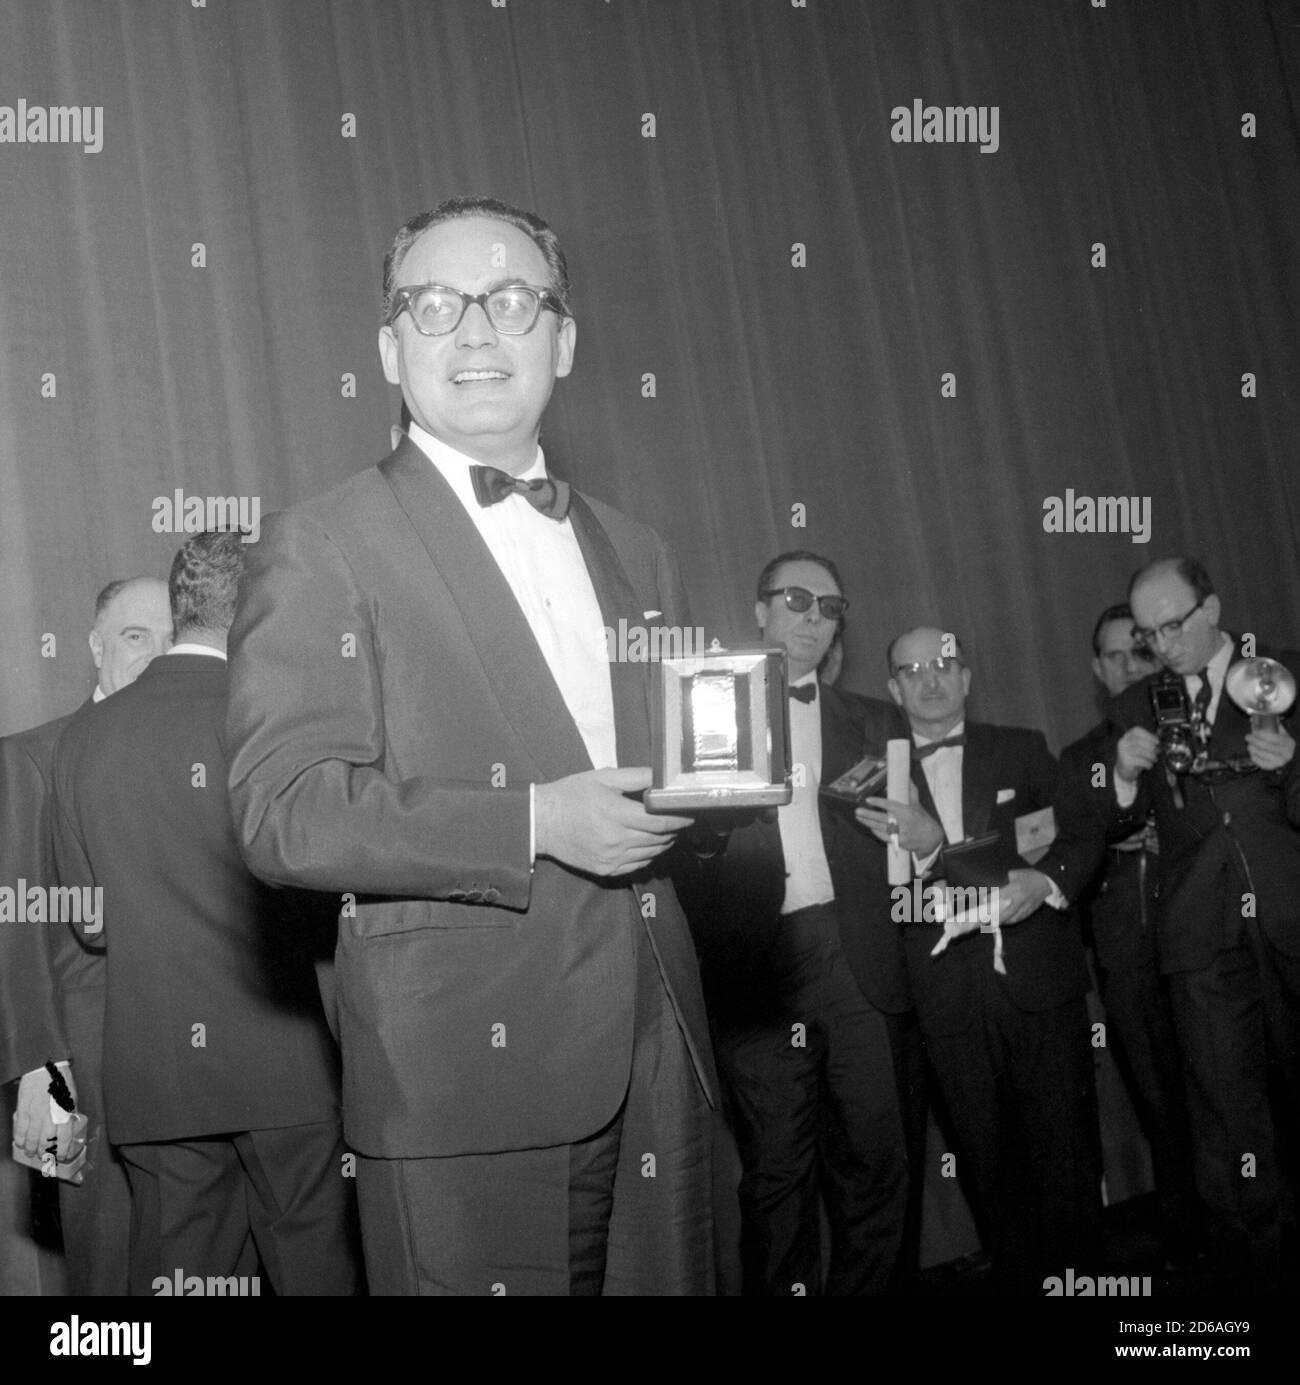 """Delivery of the """"Silver Ribbons"""". Film producer Dino De Laurentis with the award, February 1961. --- Consegna dei """"Nastri d'argento"""". Il produttore cinematografico Dino De Laurentis con il premio, febbraio 1961. Stock Photo"""